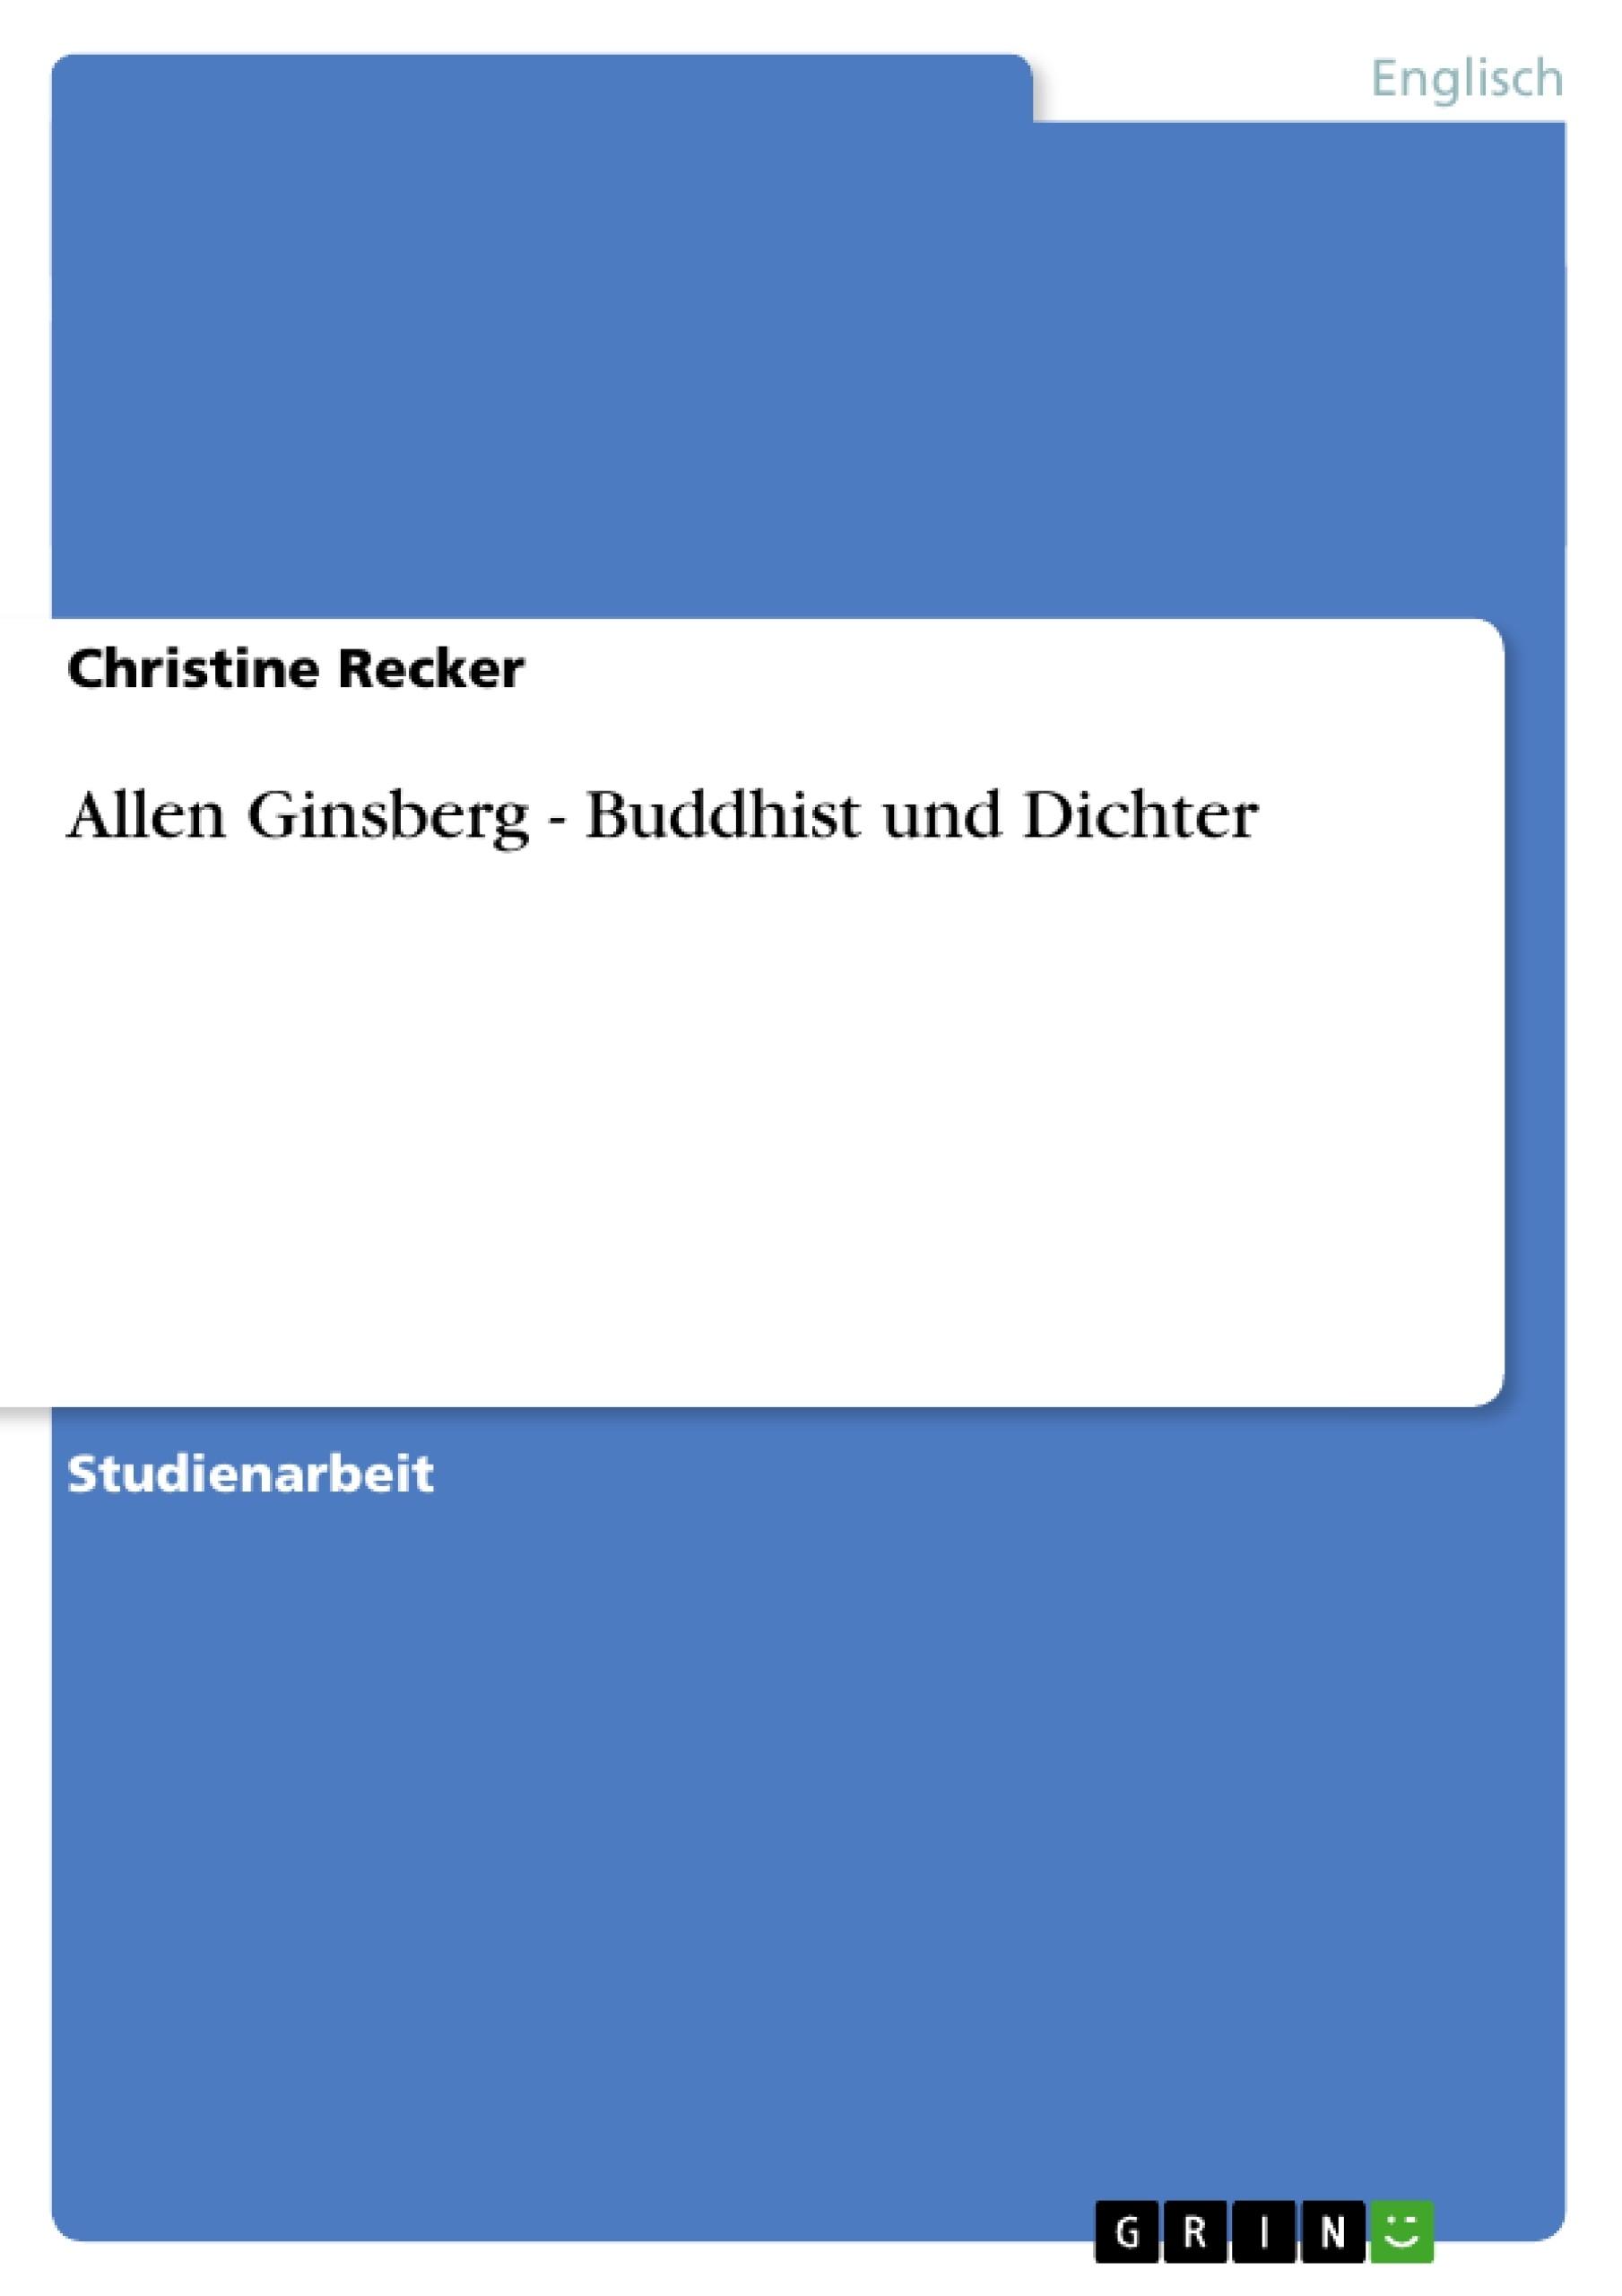 Titel: Allen Ginsberg - Buddhist und Dichter